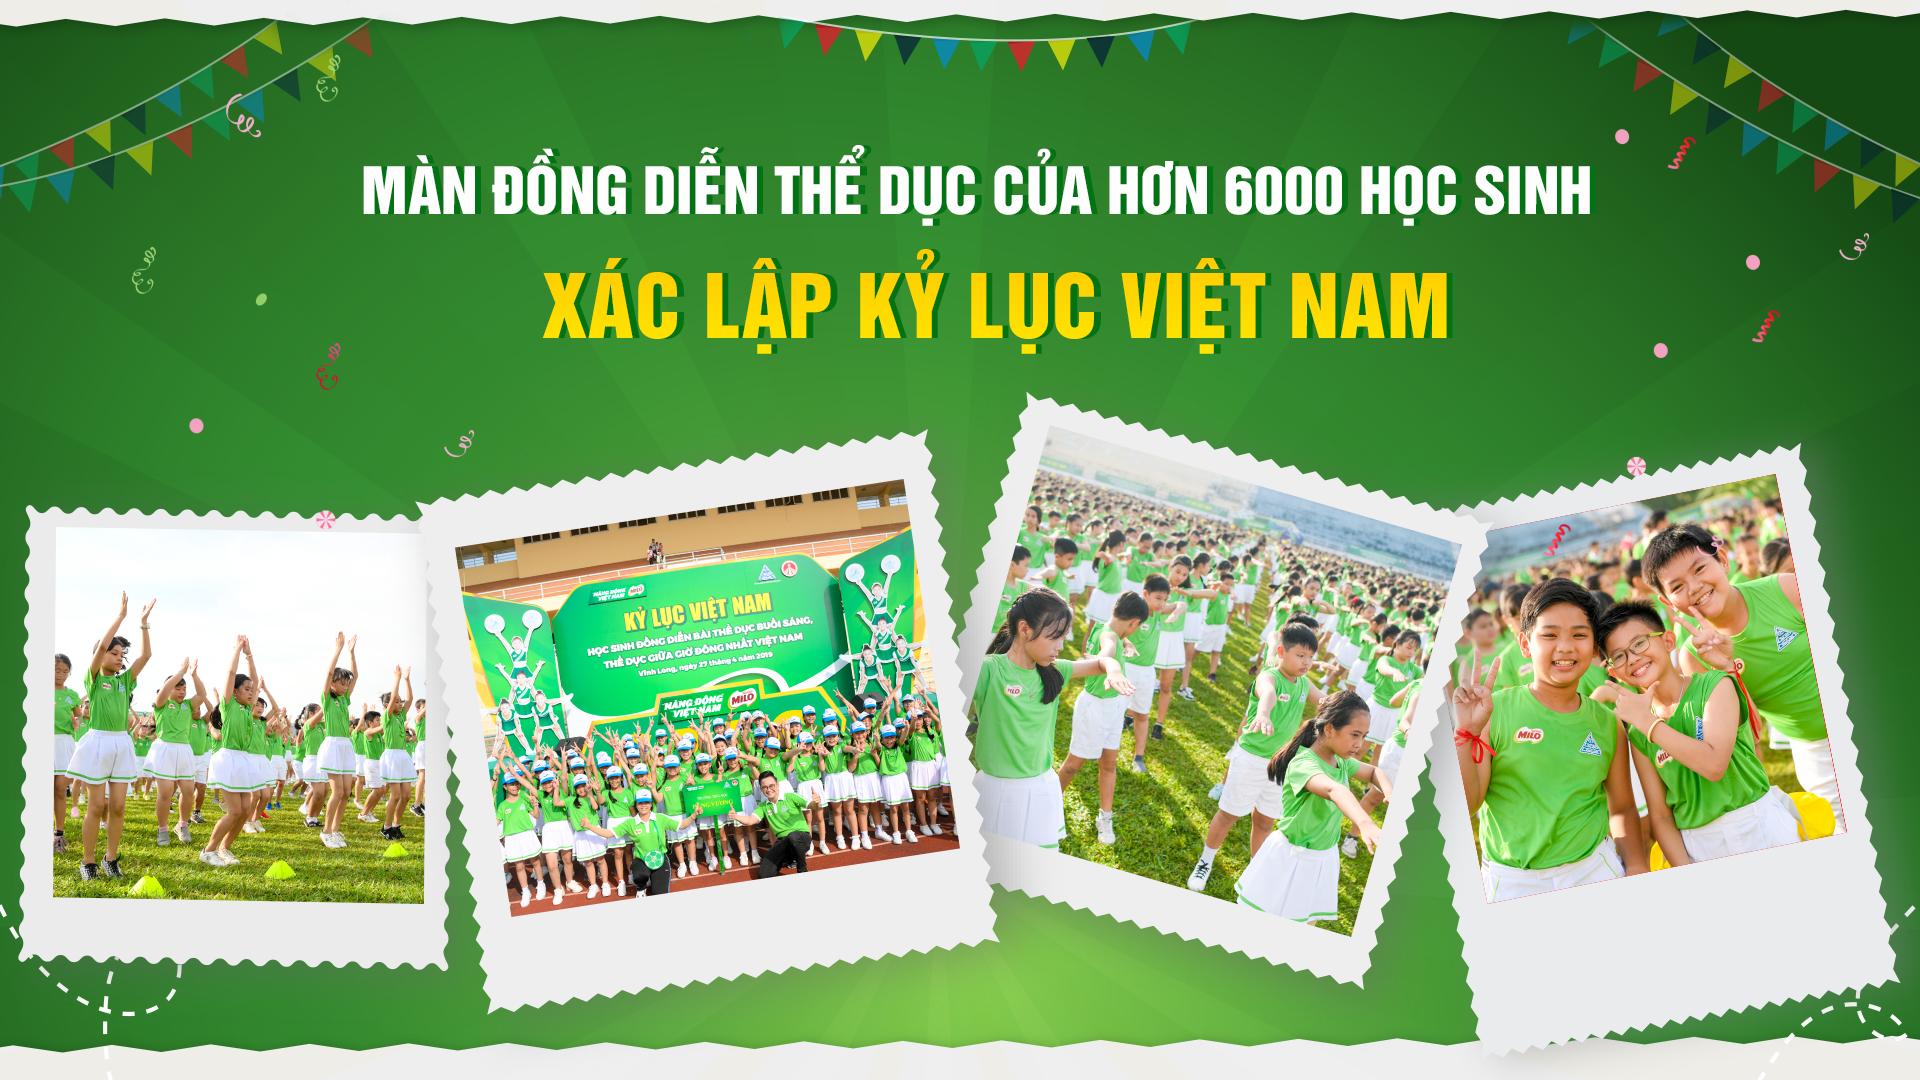 Màn đồng diễn thể dục của hơn 6000 học sinh xác lập kỷ lục Việt Nam - 1